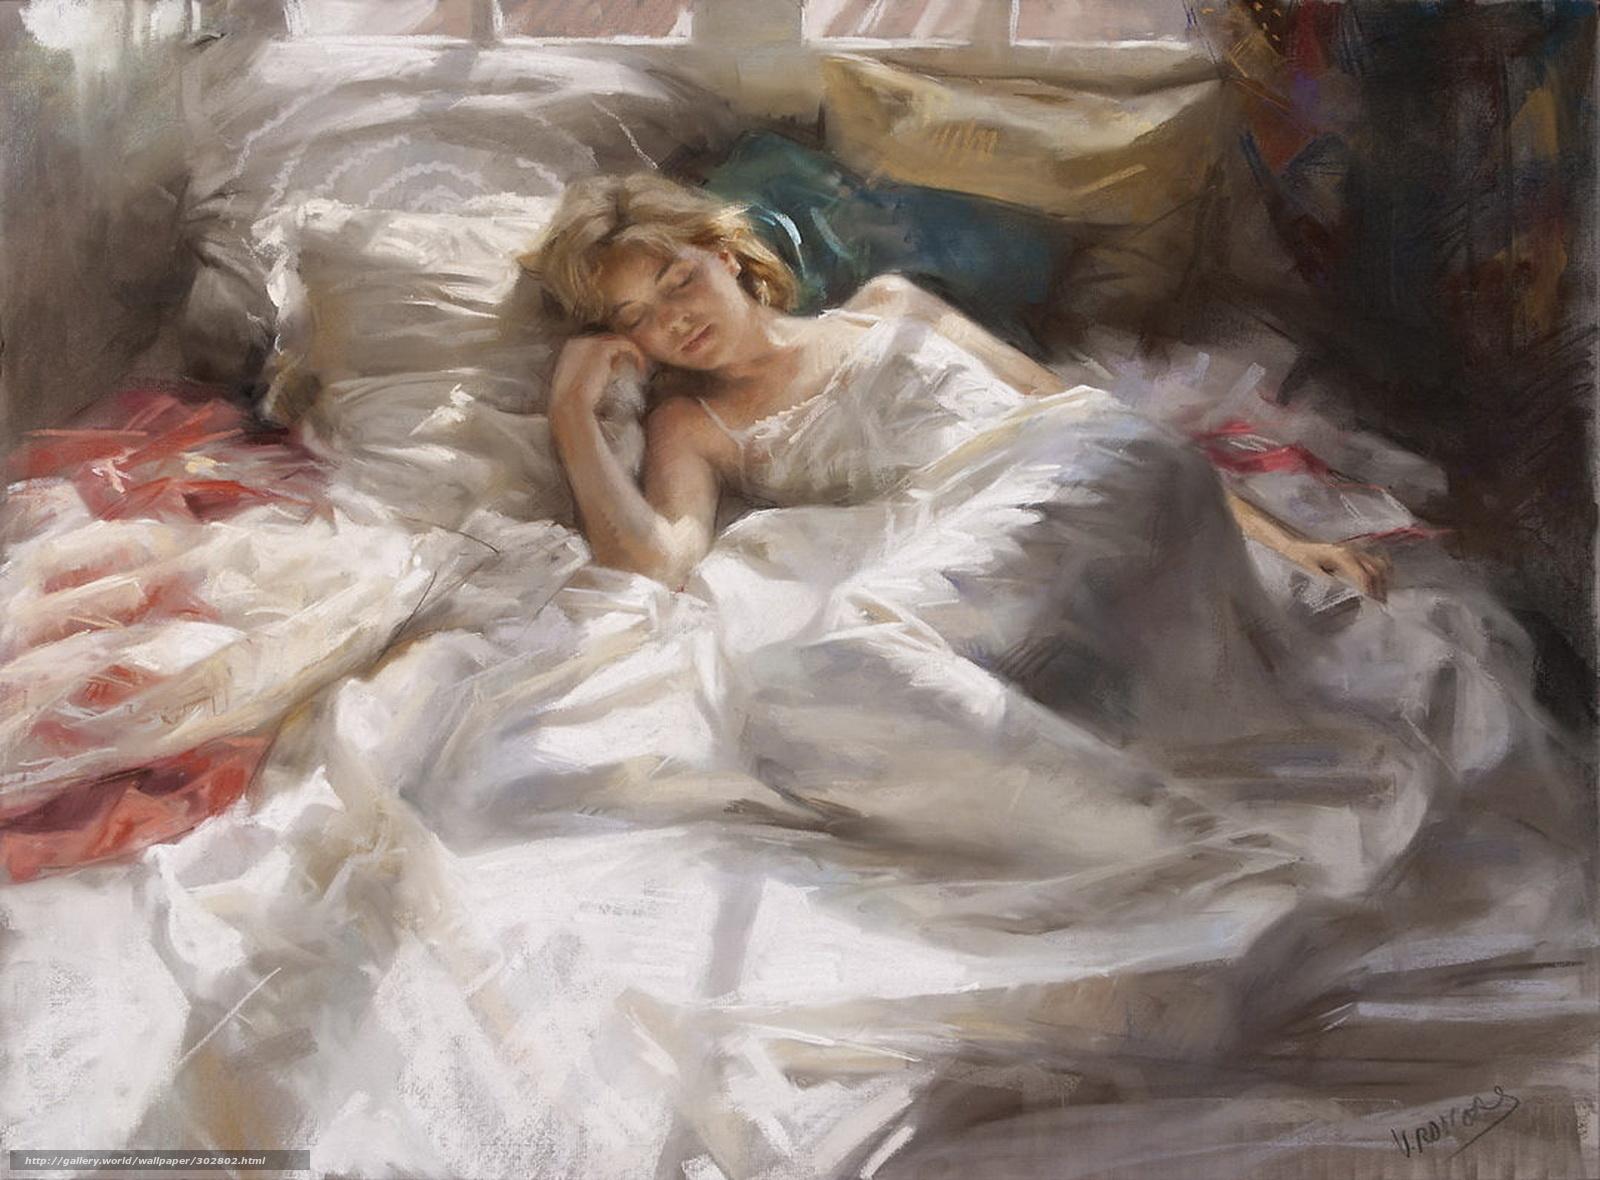 Спящая девушка дома 18 фотография